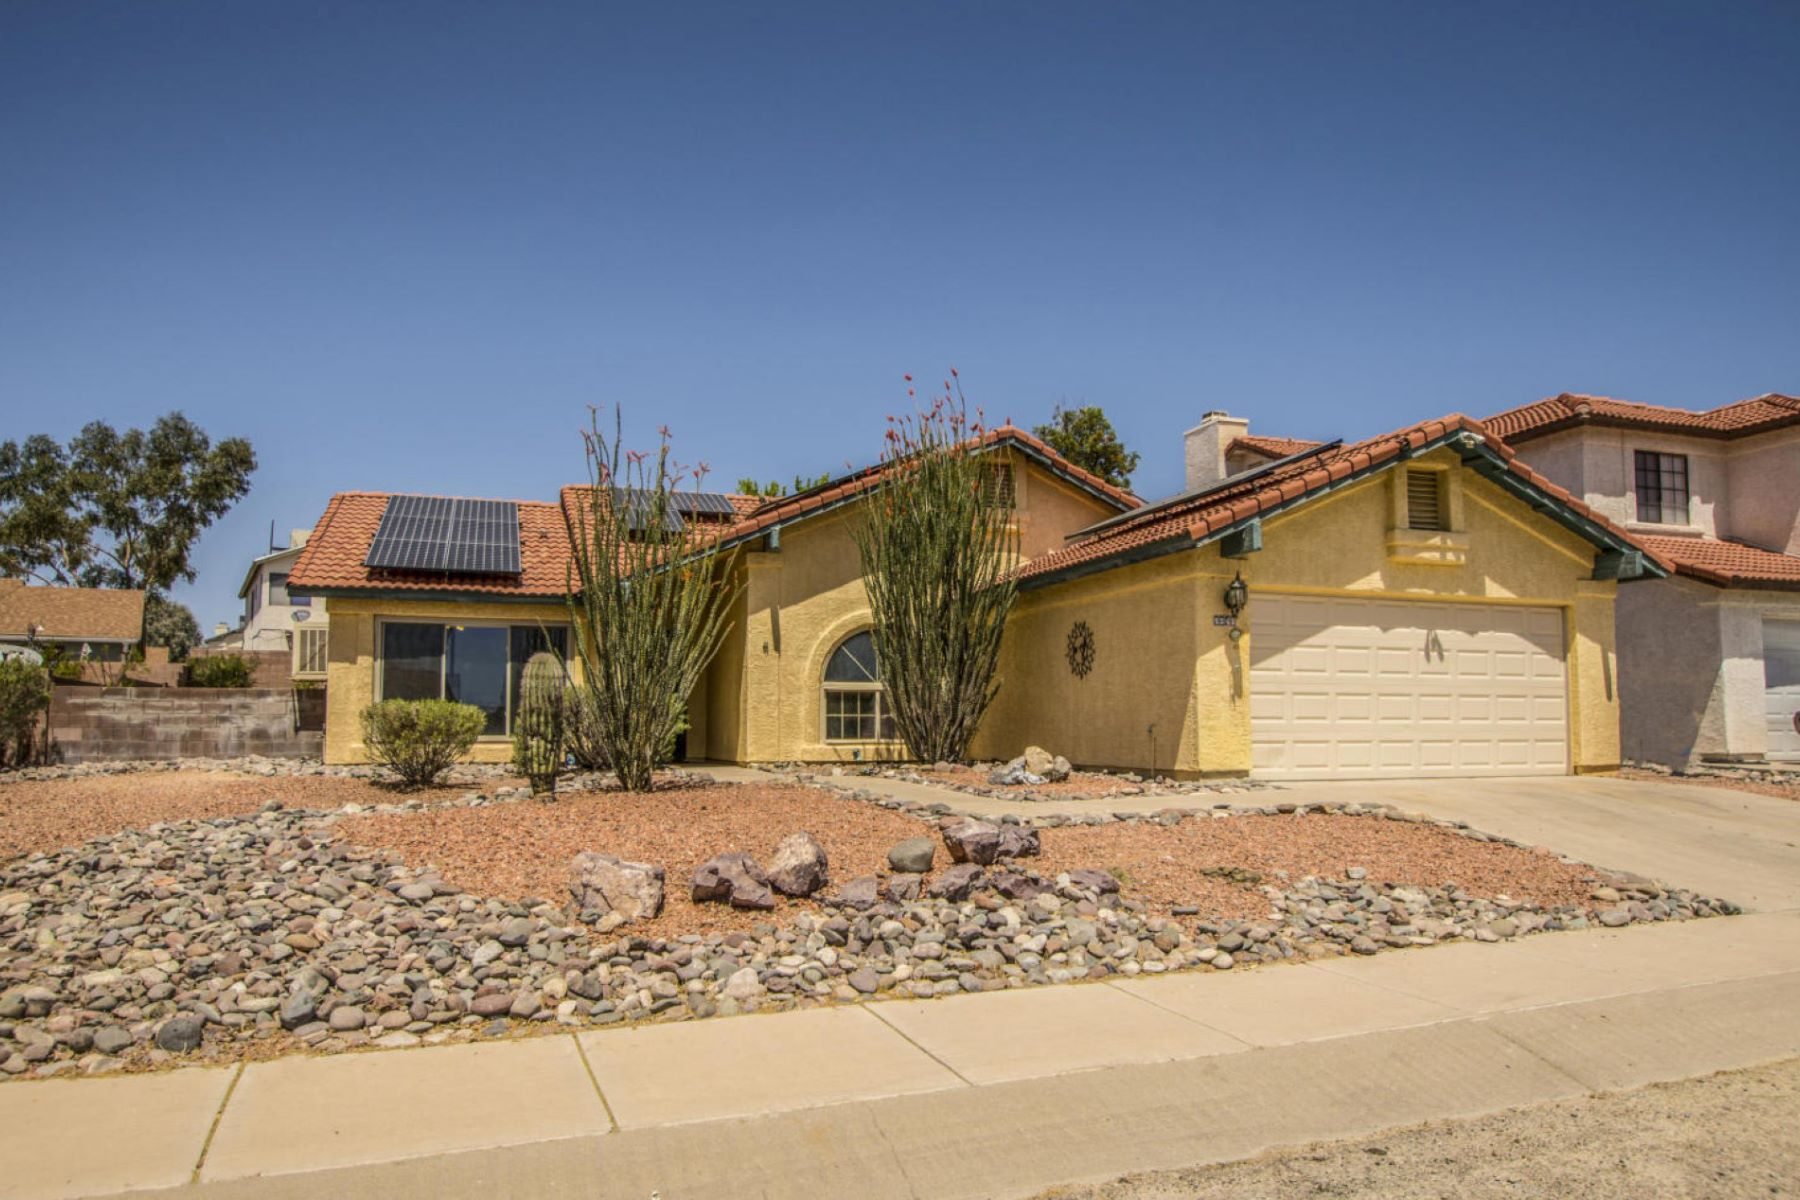 一戸建て のために 売買 アット Energy Efficient Home 5240 W Grouse Way Tucson, アリゾナ, 85742 アメリカ合衆国